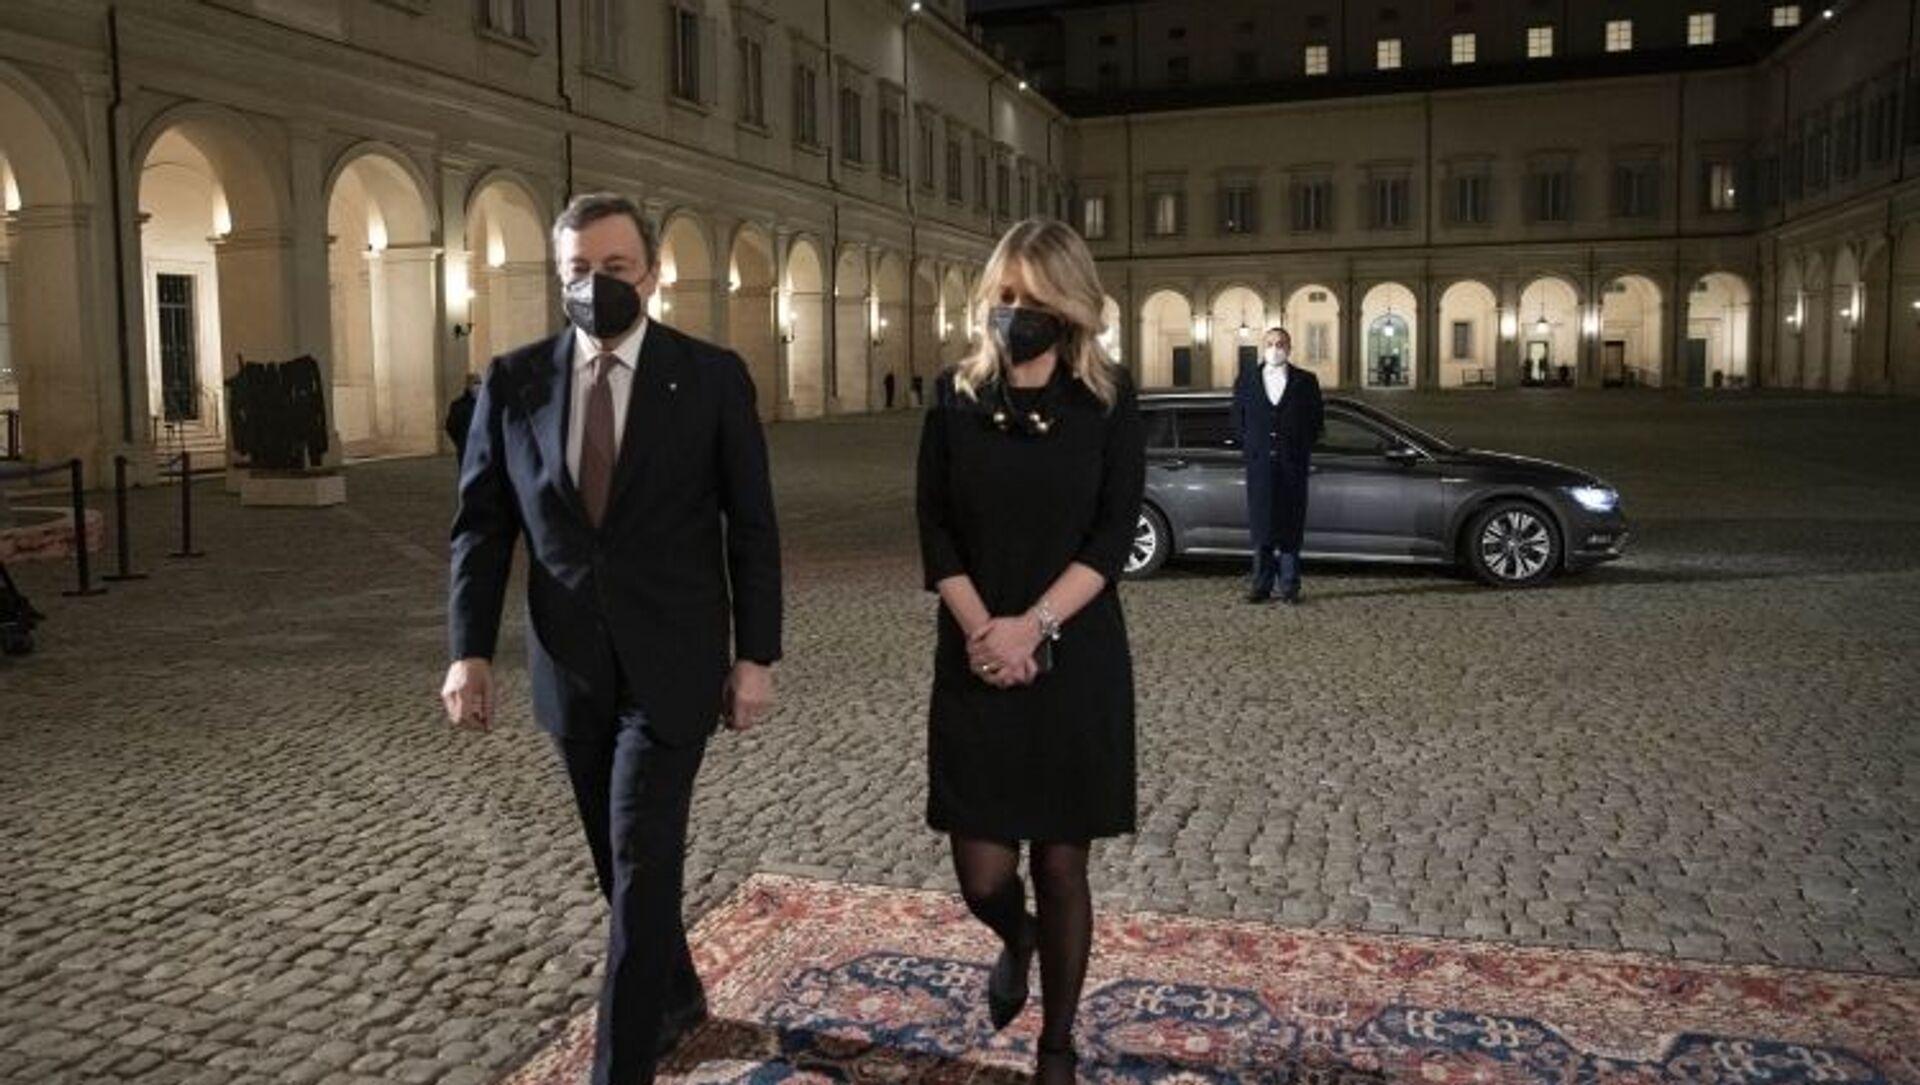 L'arrivo di Draghi al Quirinale - Sputnik Italia, 1920, 12.02.2021